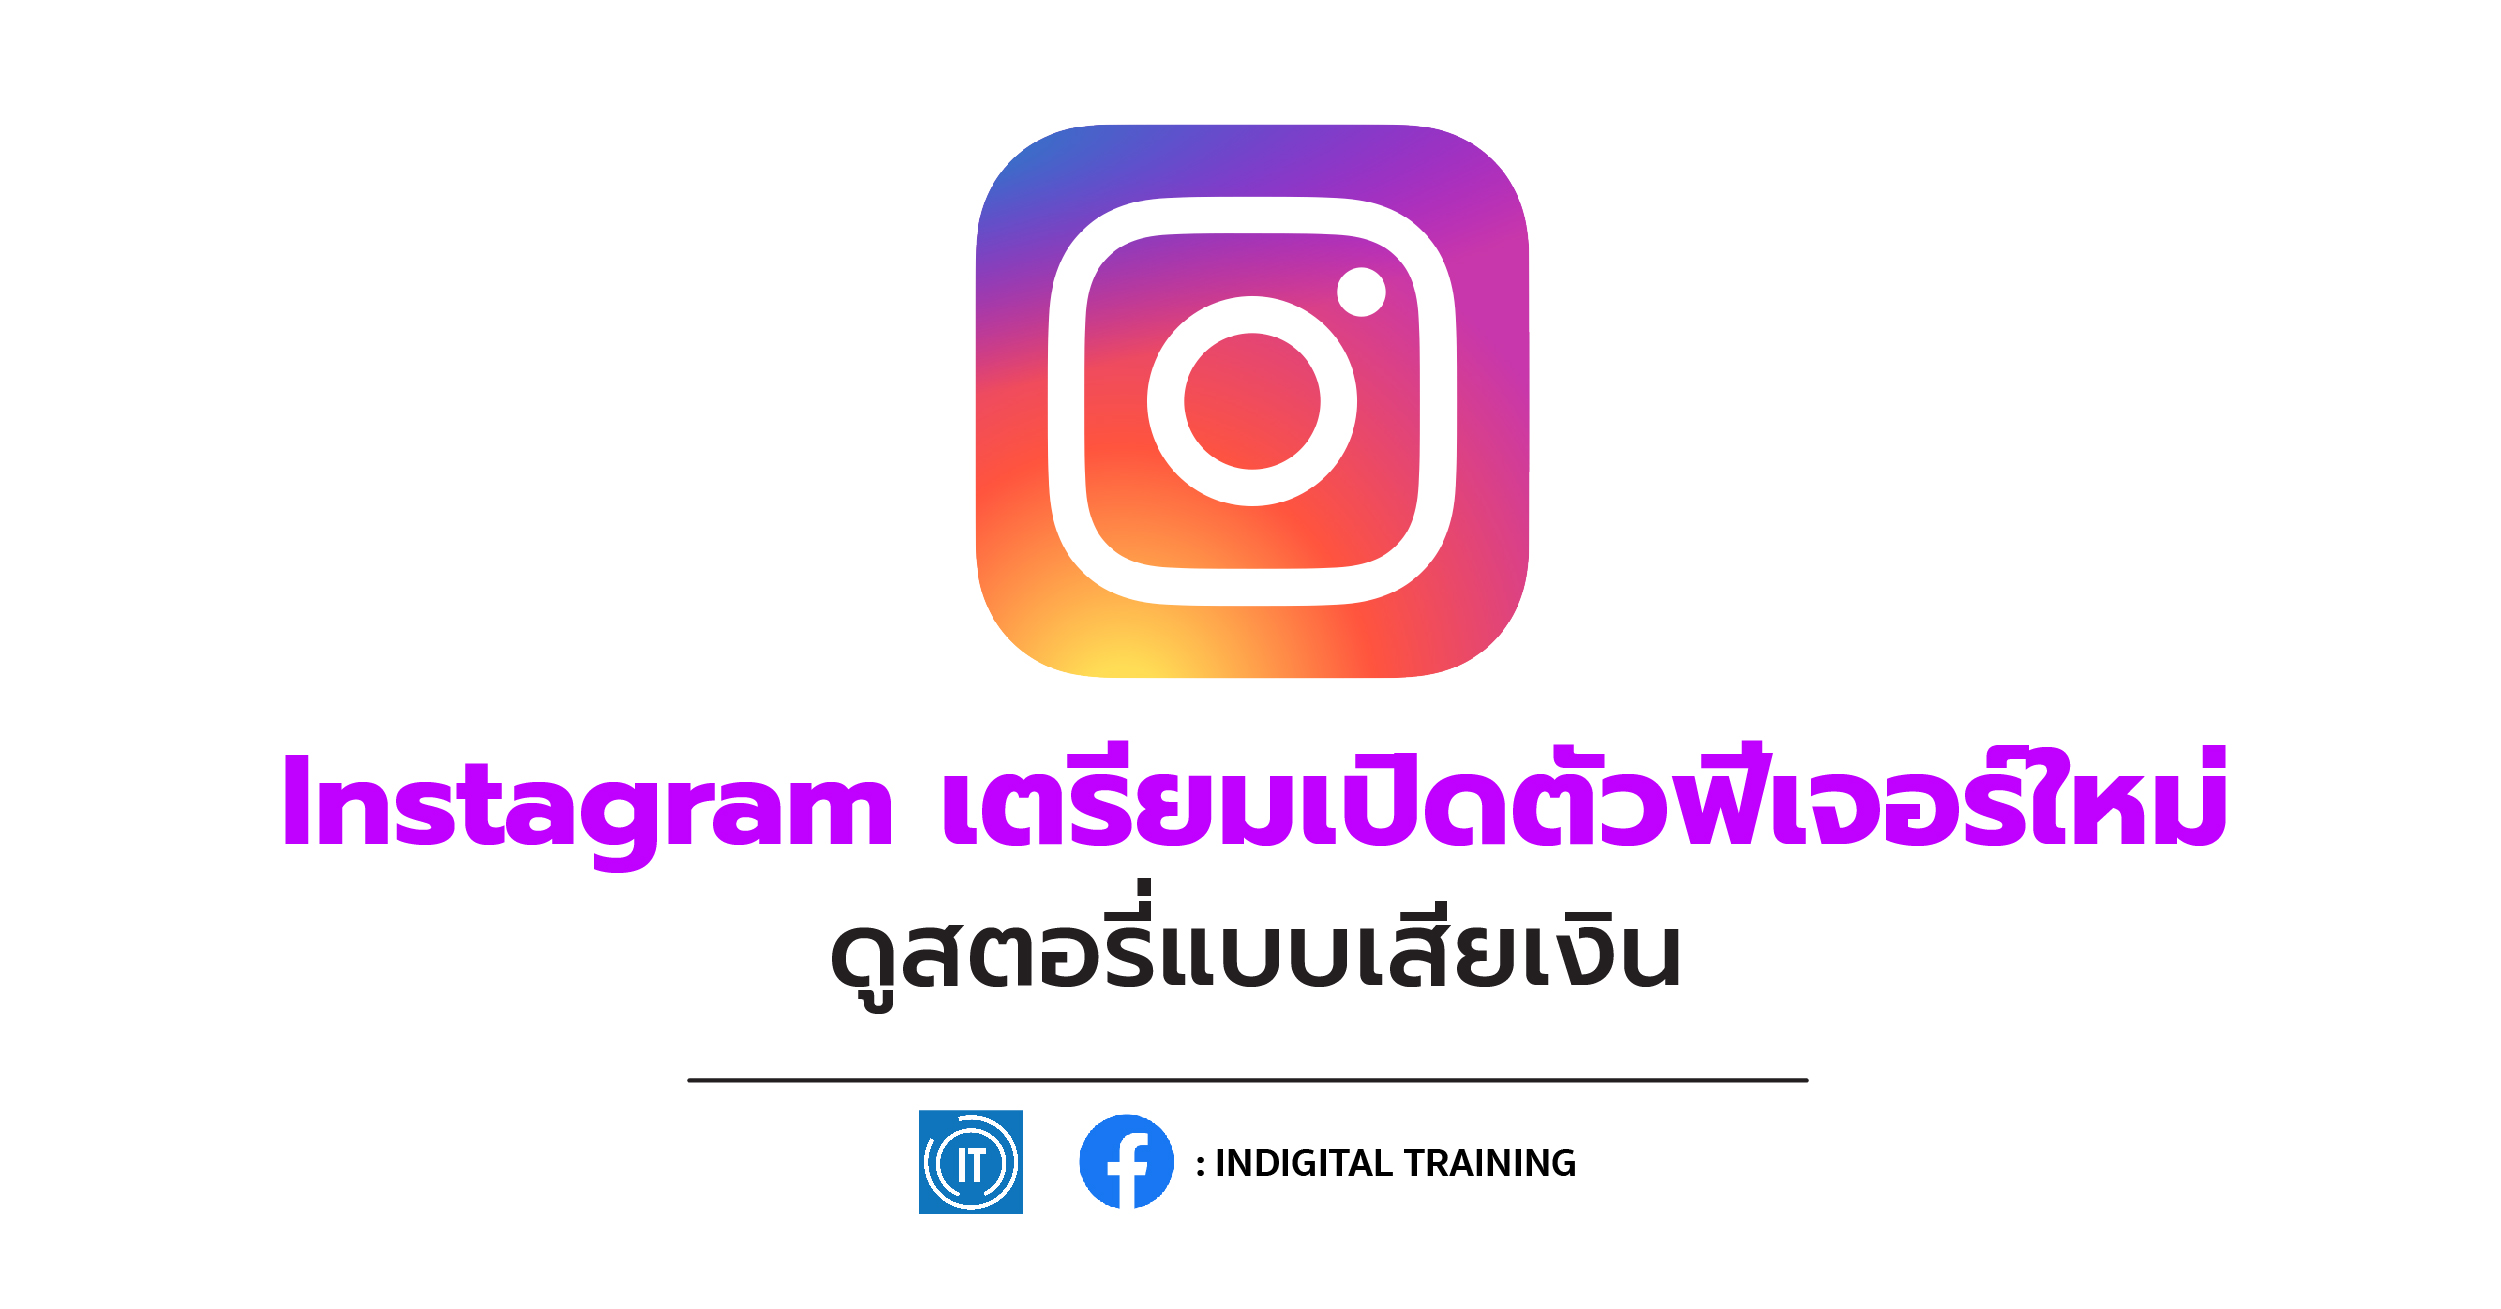 Instagram เตรียมเปิดตัวฟีเจอร์ใหม่ ดูสตอรี่แบบเสียเงิน